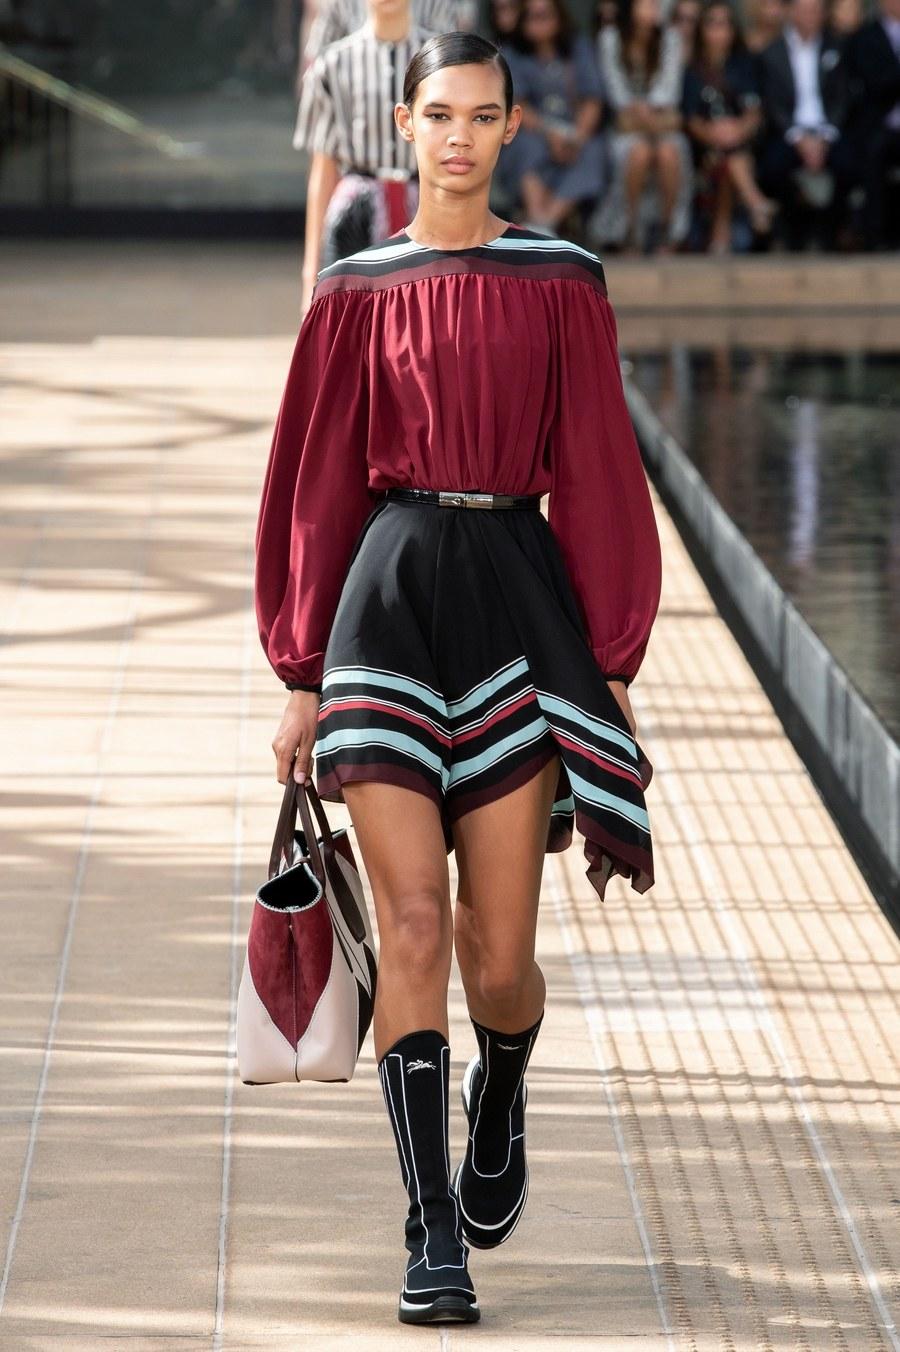 عرض أزياء Longchamp  بأسبوع الموضة بنيويورك (9)